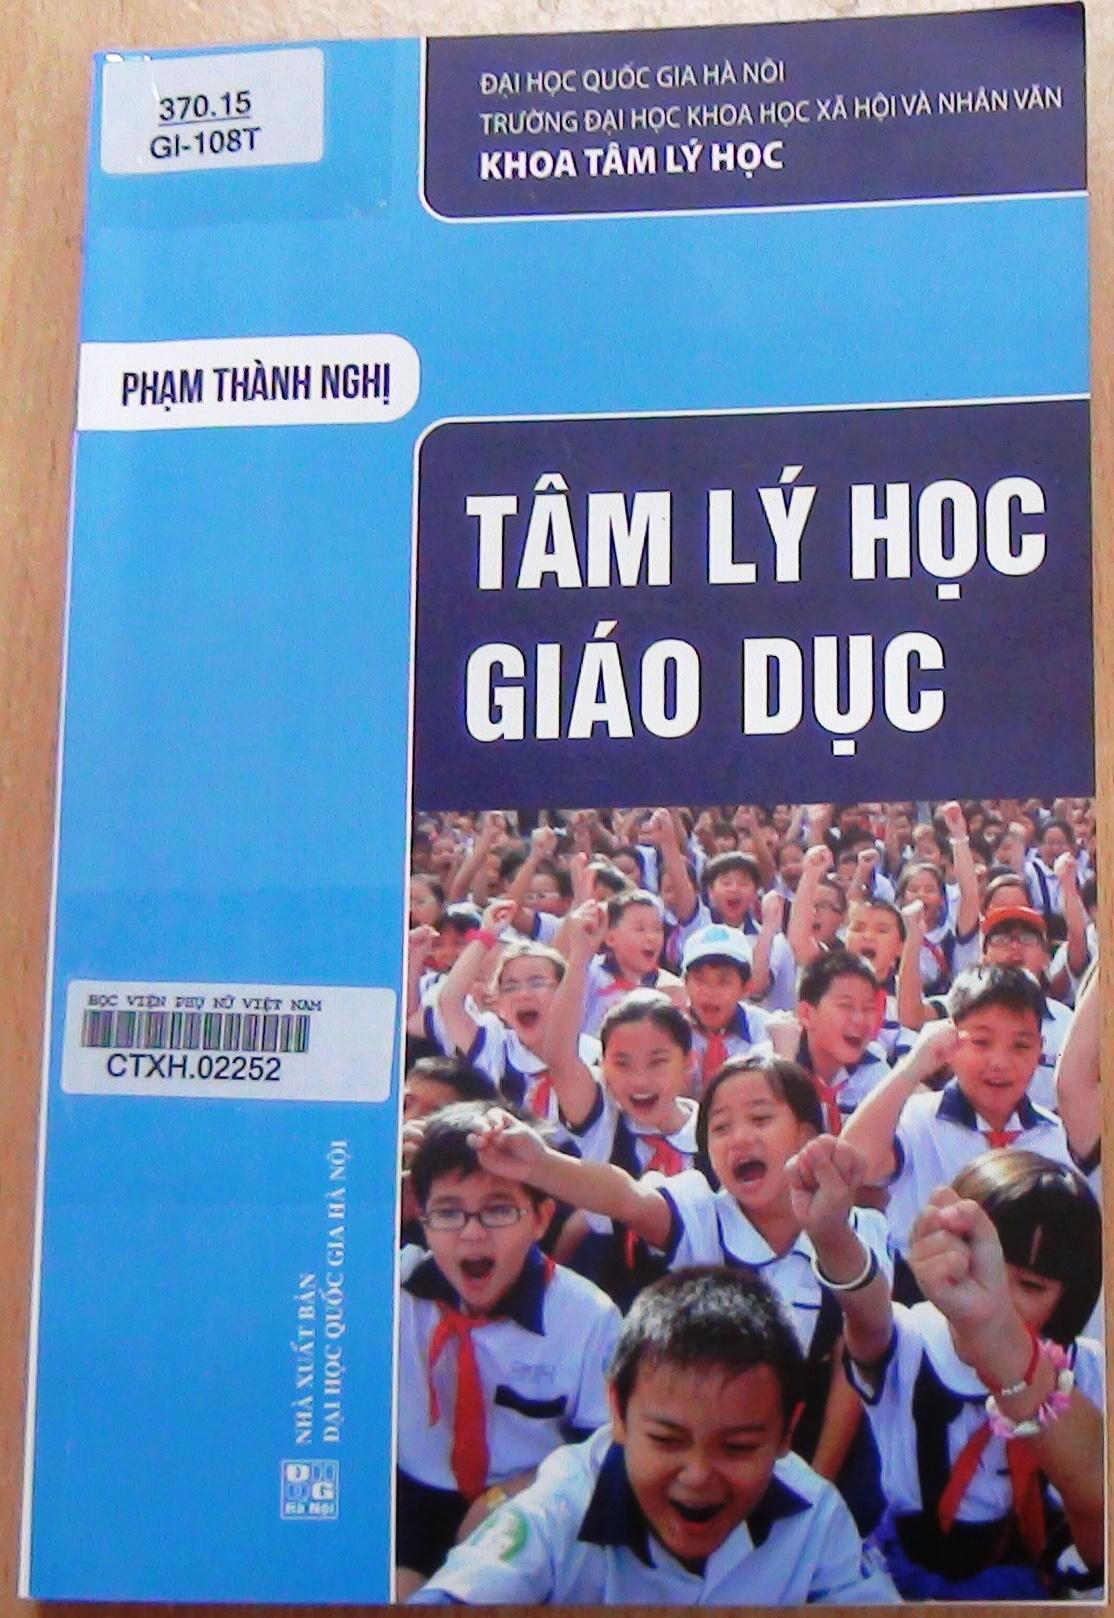 Giới thiệu sách: Tâm lý học giáo dục